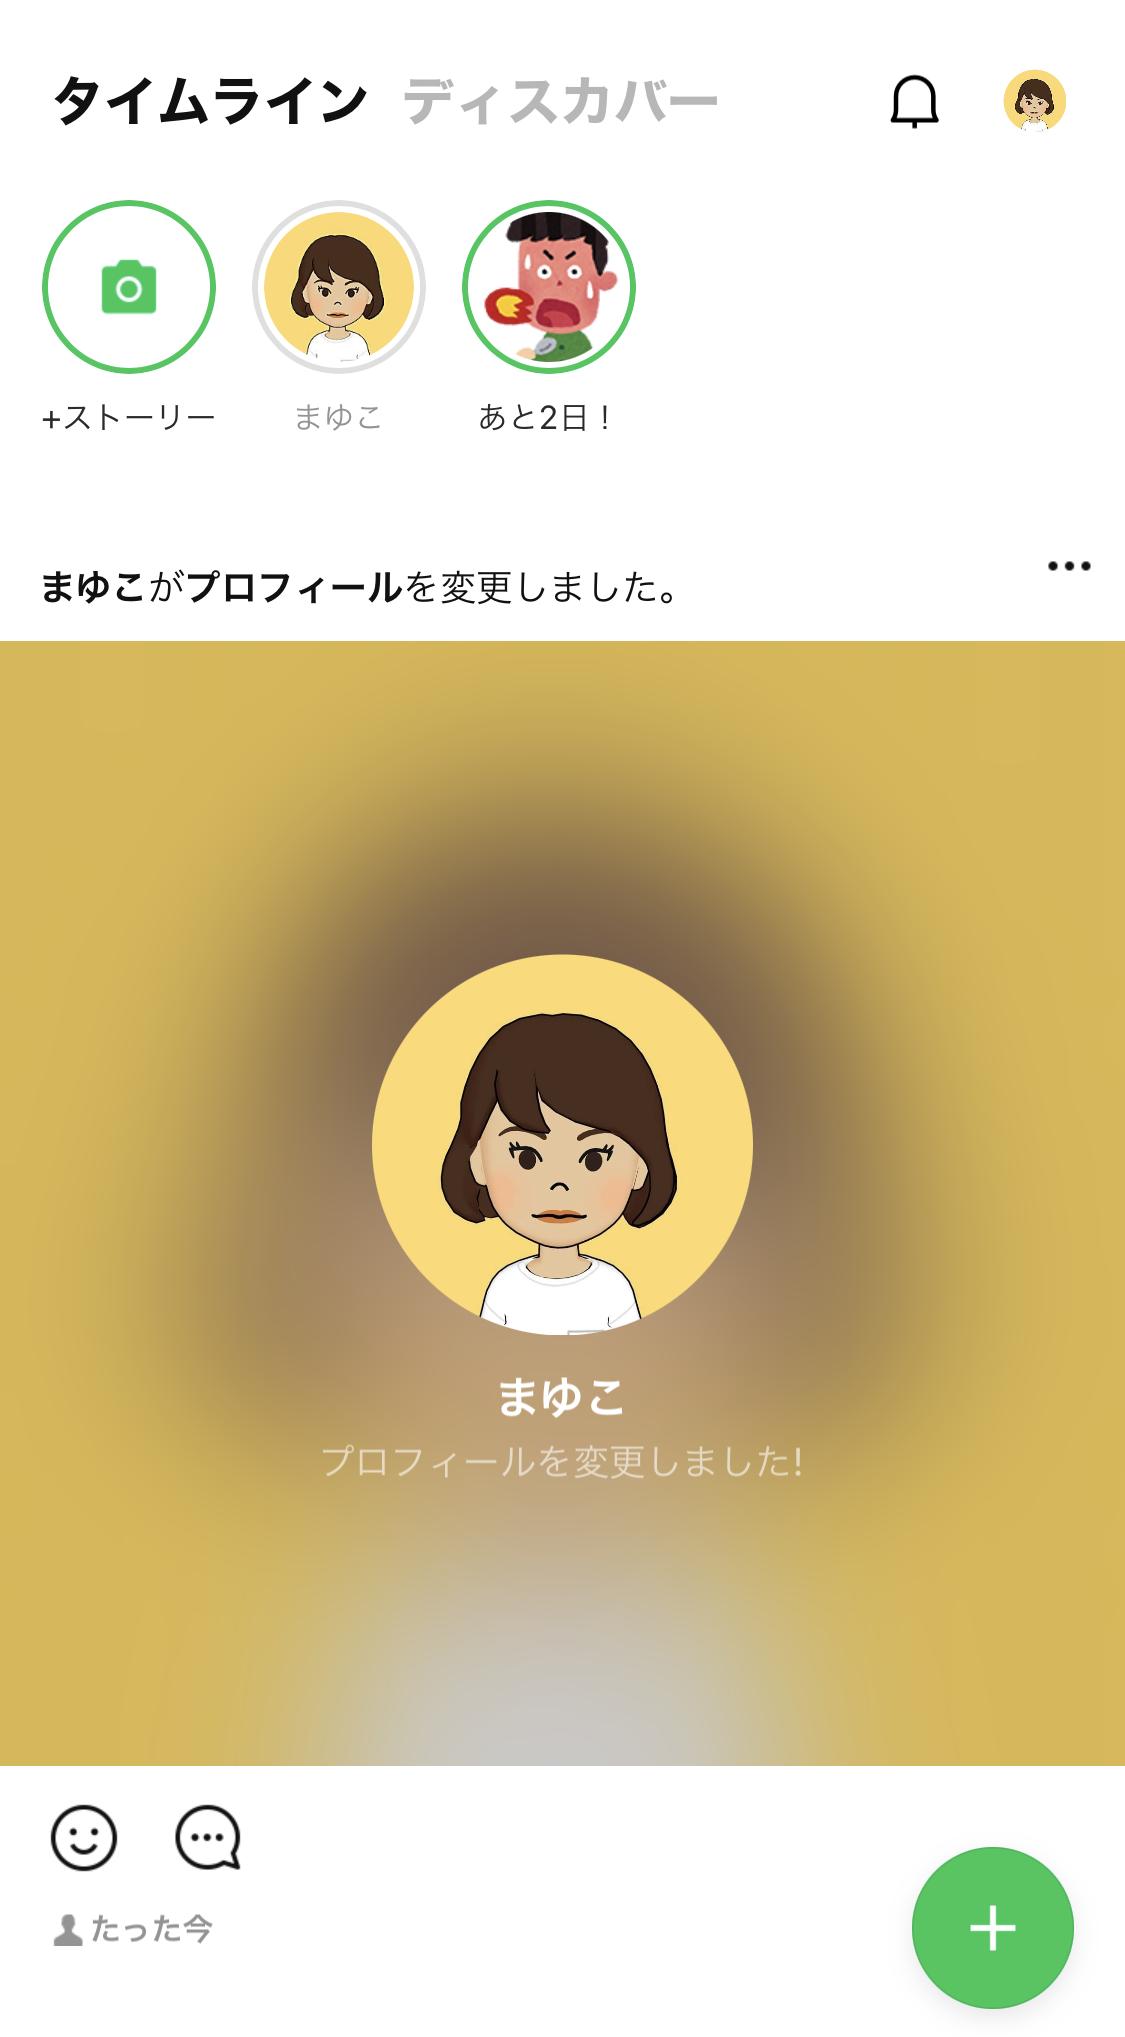 tsuchi_01.png